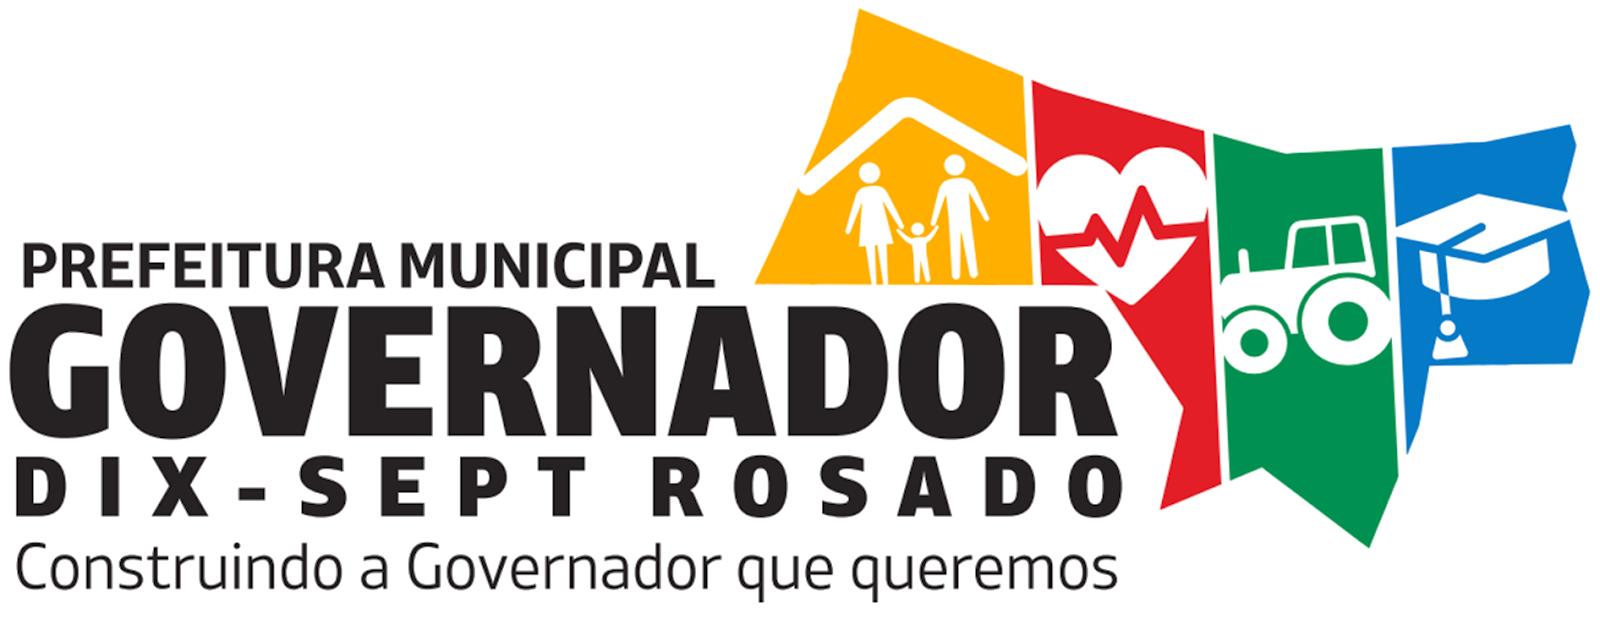 Prefeitura Municipal de Governador Dix-Sept Rosado